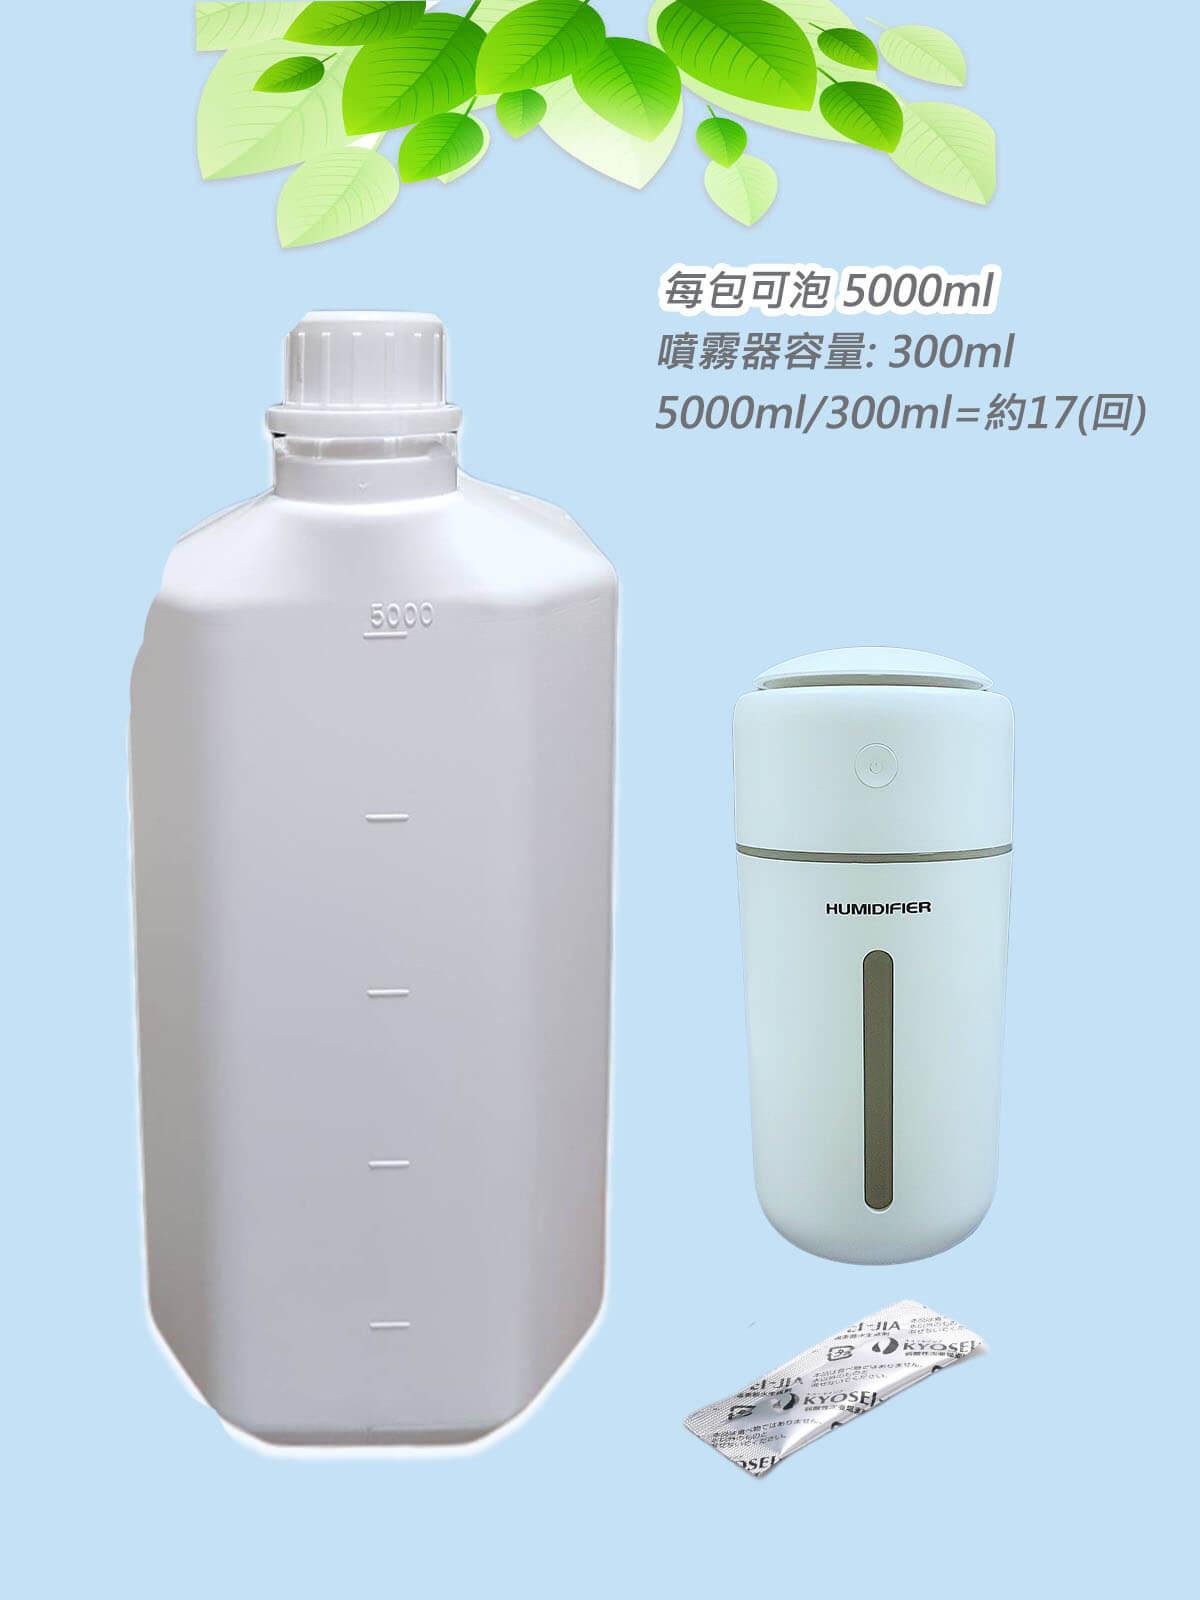 日本製KYOSEI-JIA微酸性次氯酸水生成劑1小包+1自動噴霧器+5000ml容器